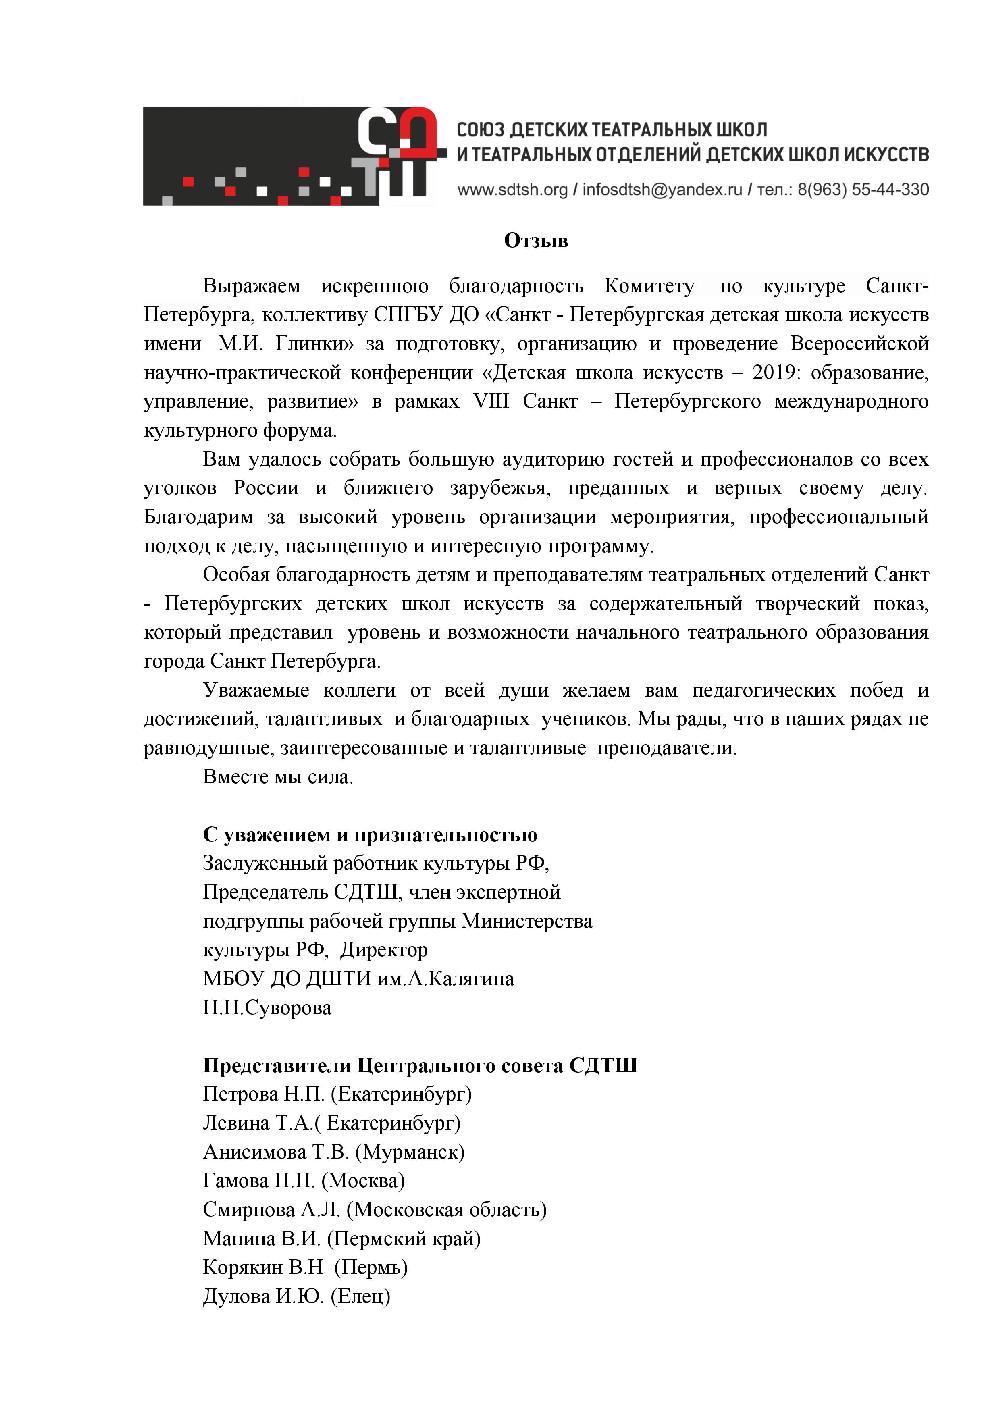 2019 Conference Blagodarnost Soyuz Teatralnih Shkol